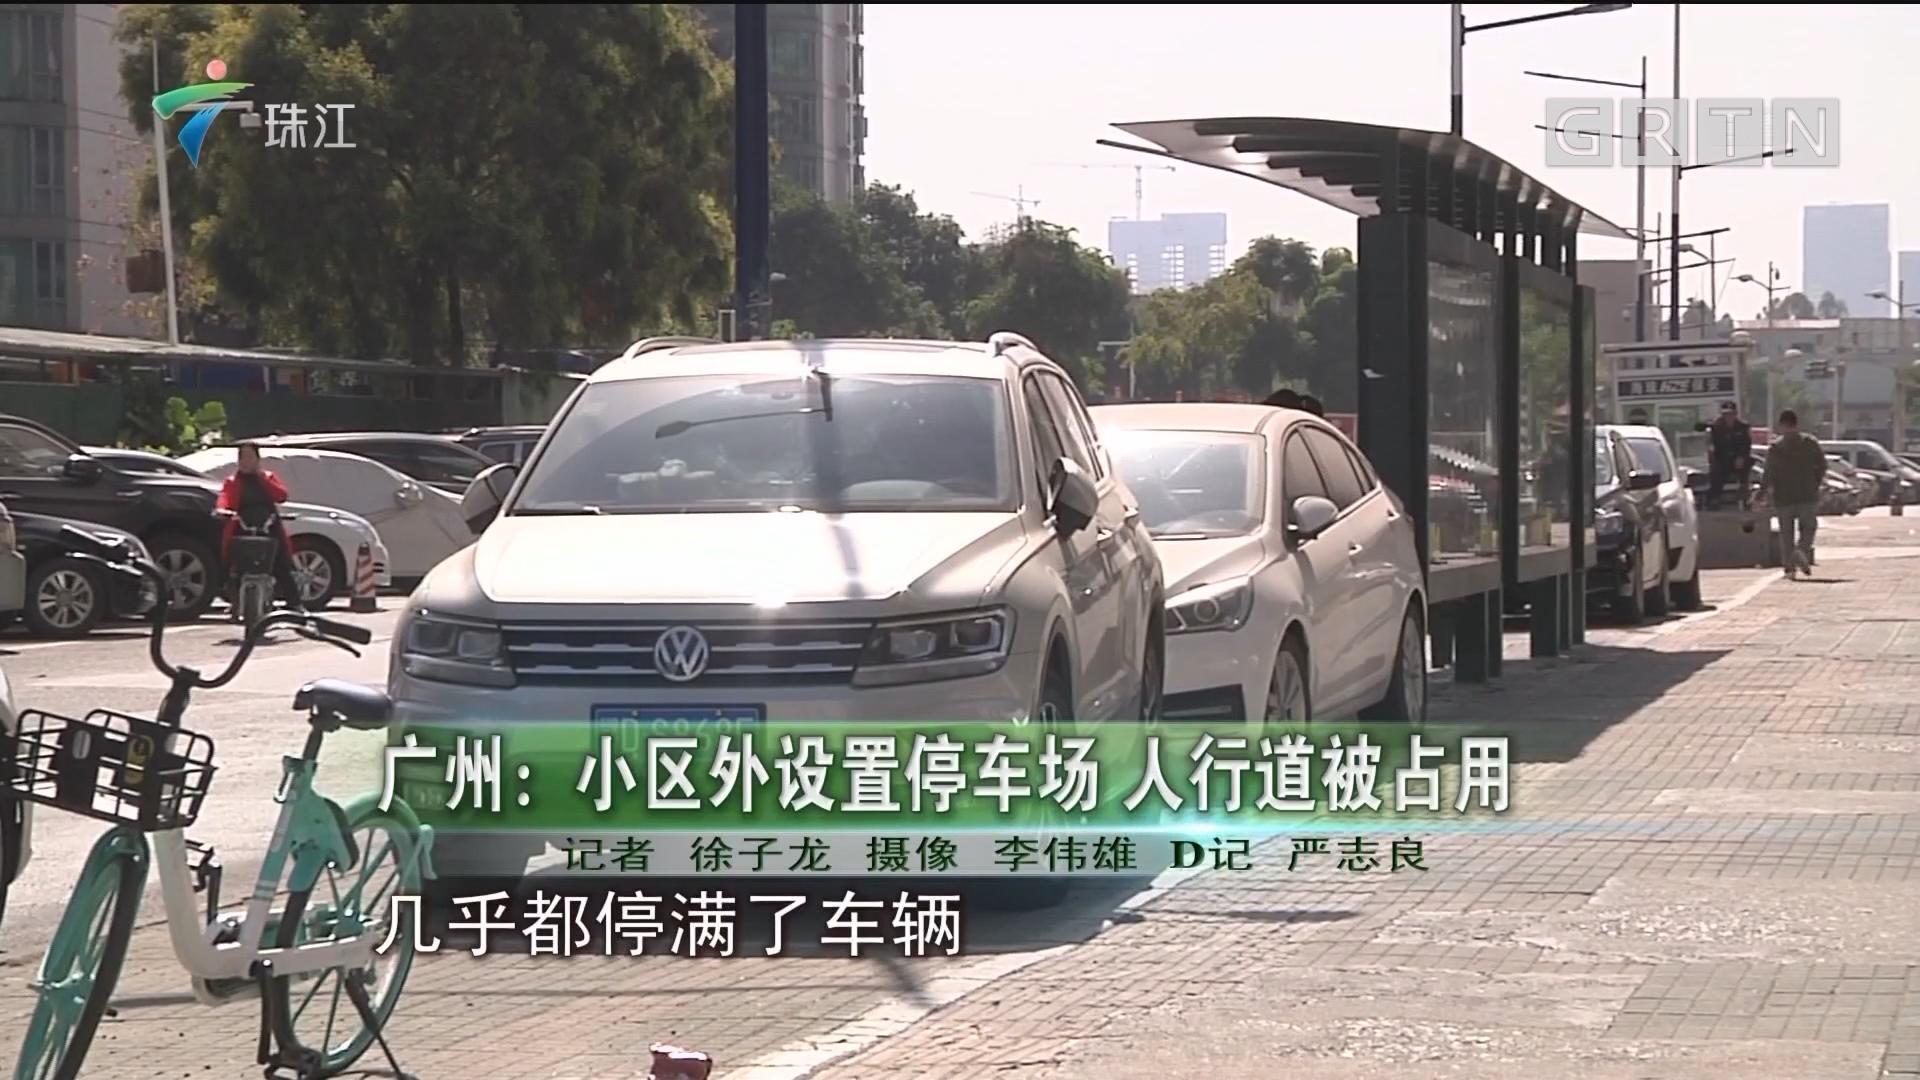 广州:小区外设置停车场 人行道被占用